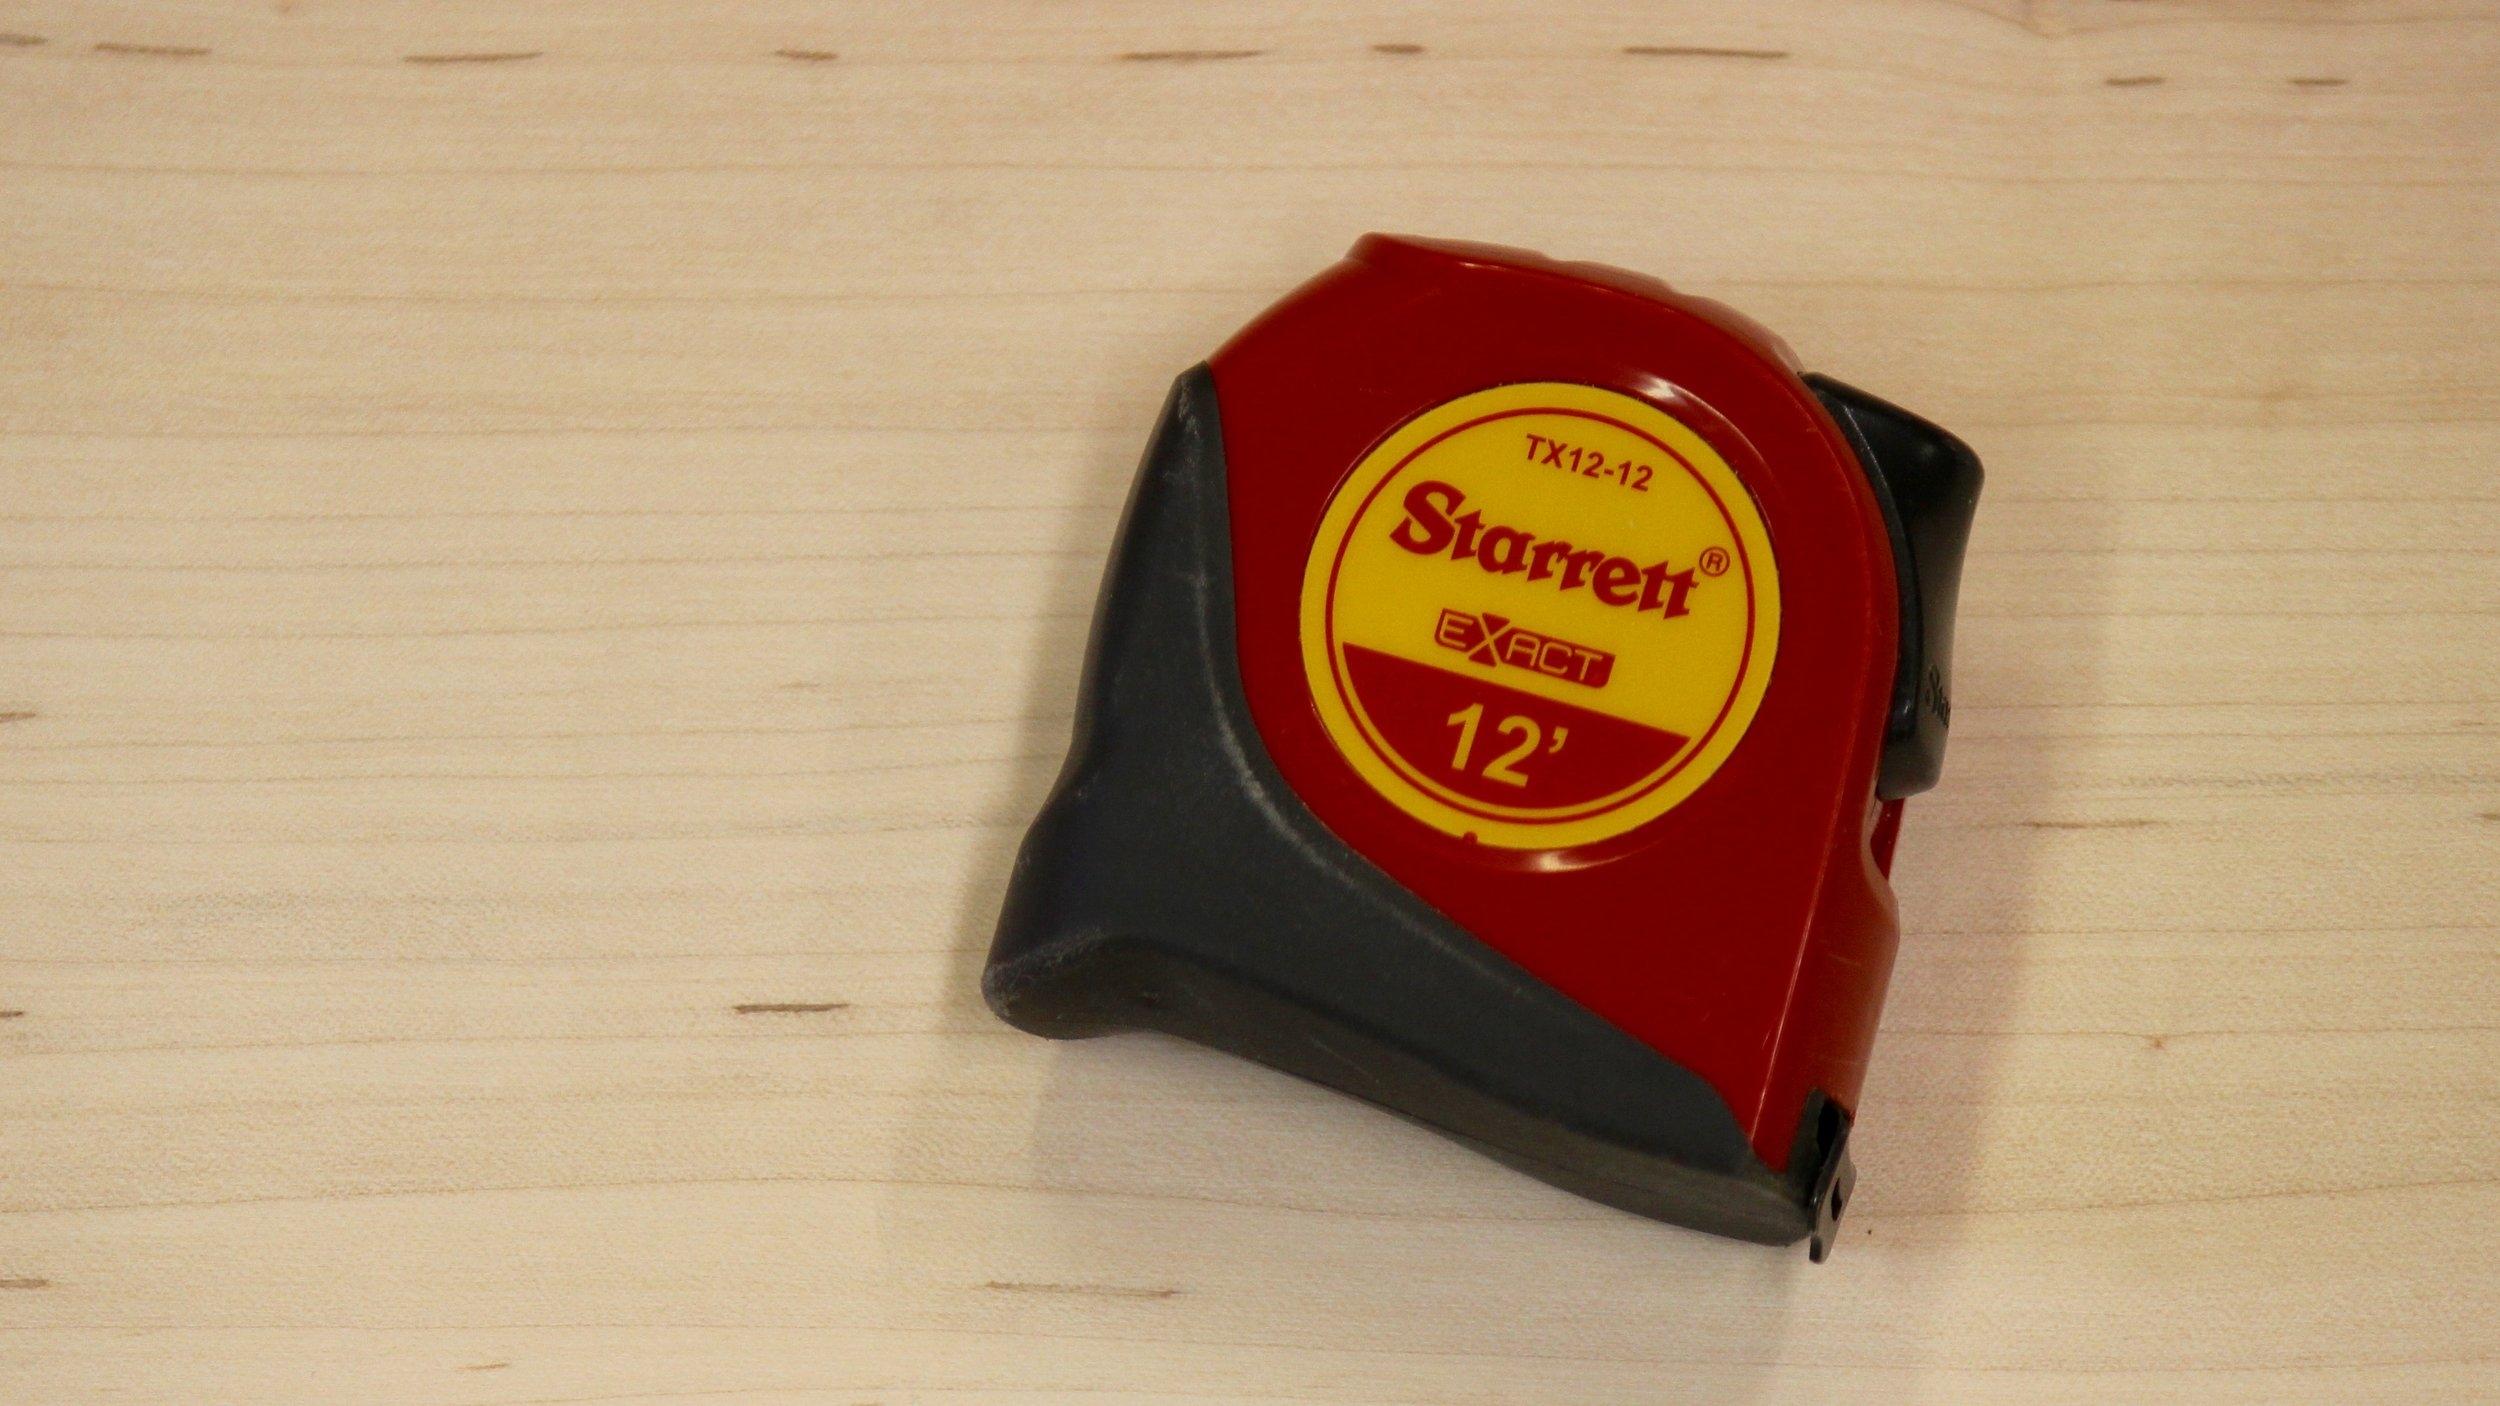 Starrett TX12-12 Tape Measure